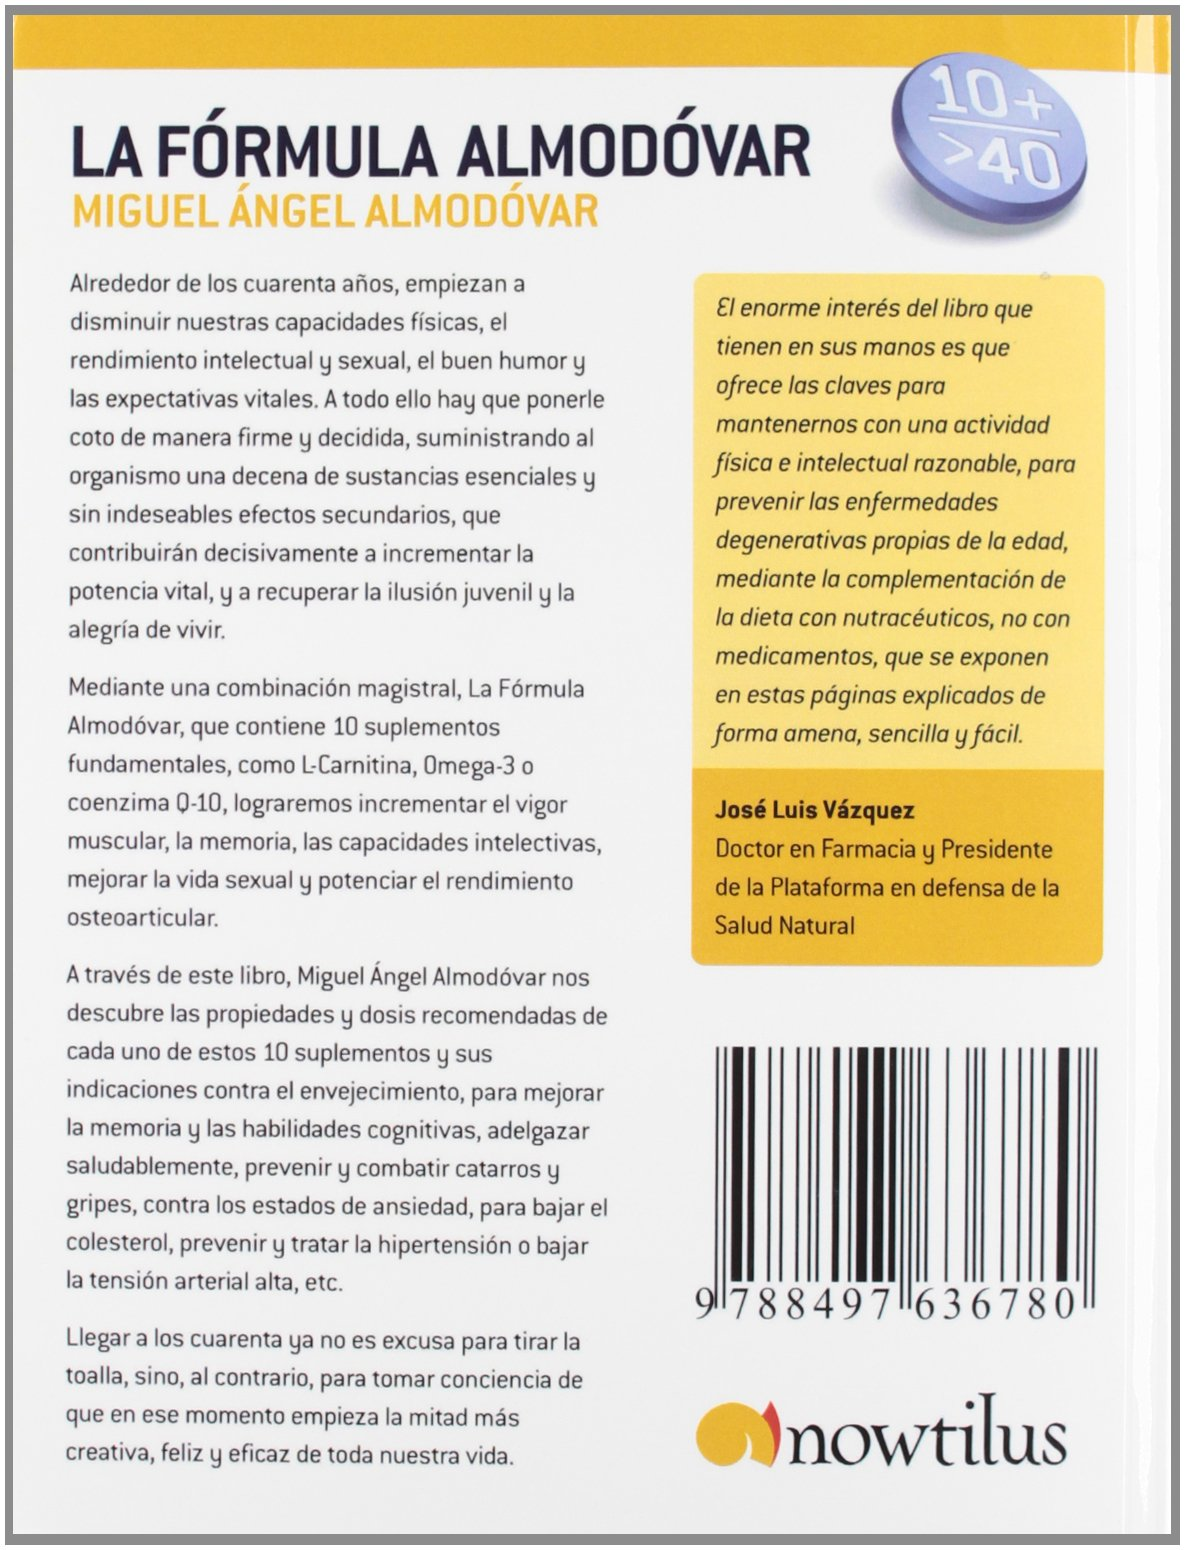 La Fórmula Almódovar (En progreso): Amazon.es: Miguel Ángel Almodóvar Martín: Libros